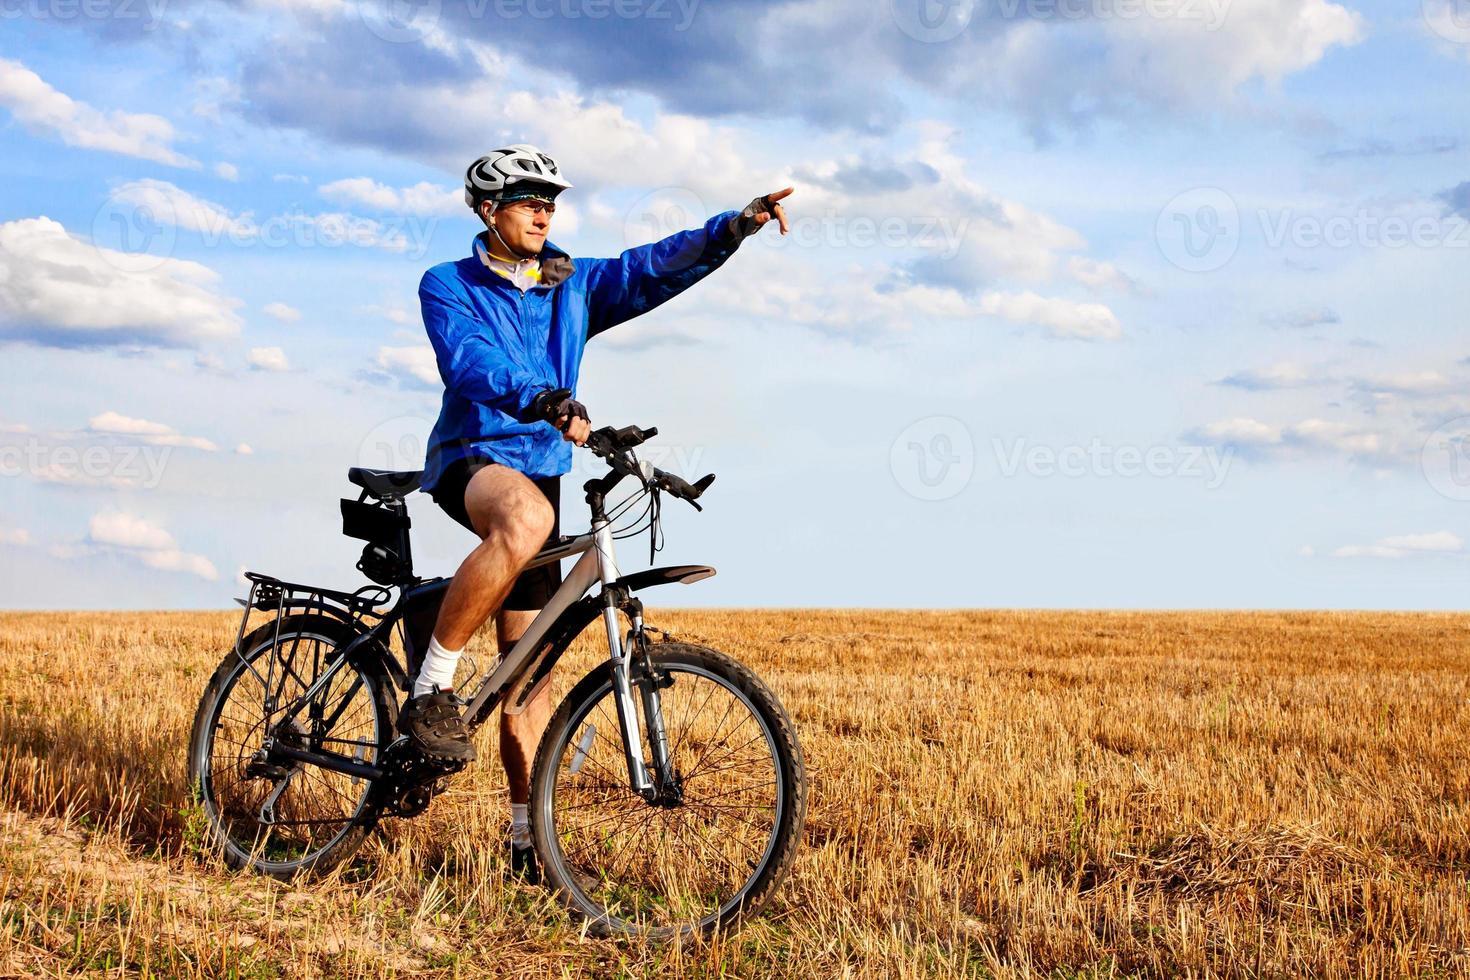 motociclista da montanha no campo foto